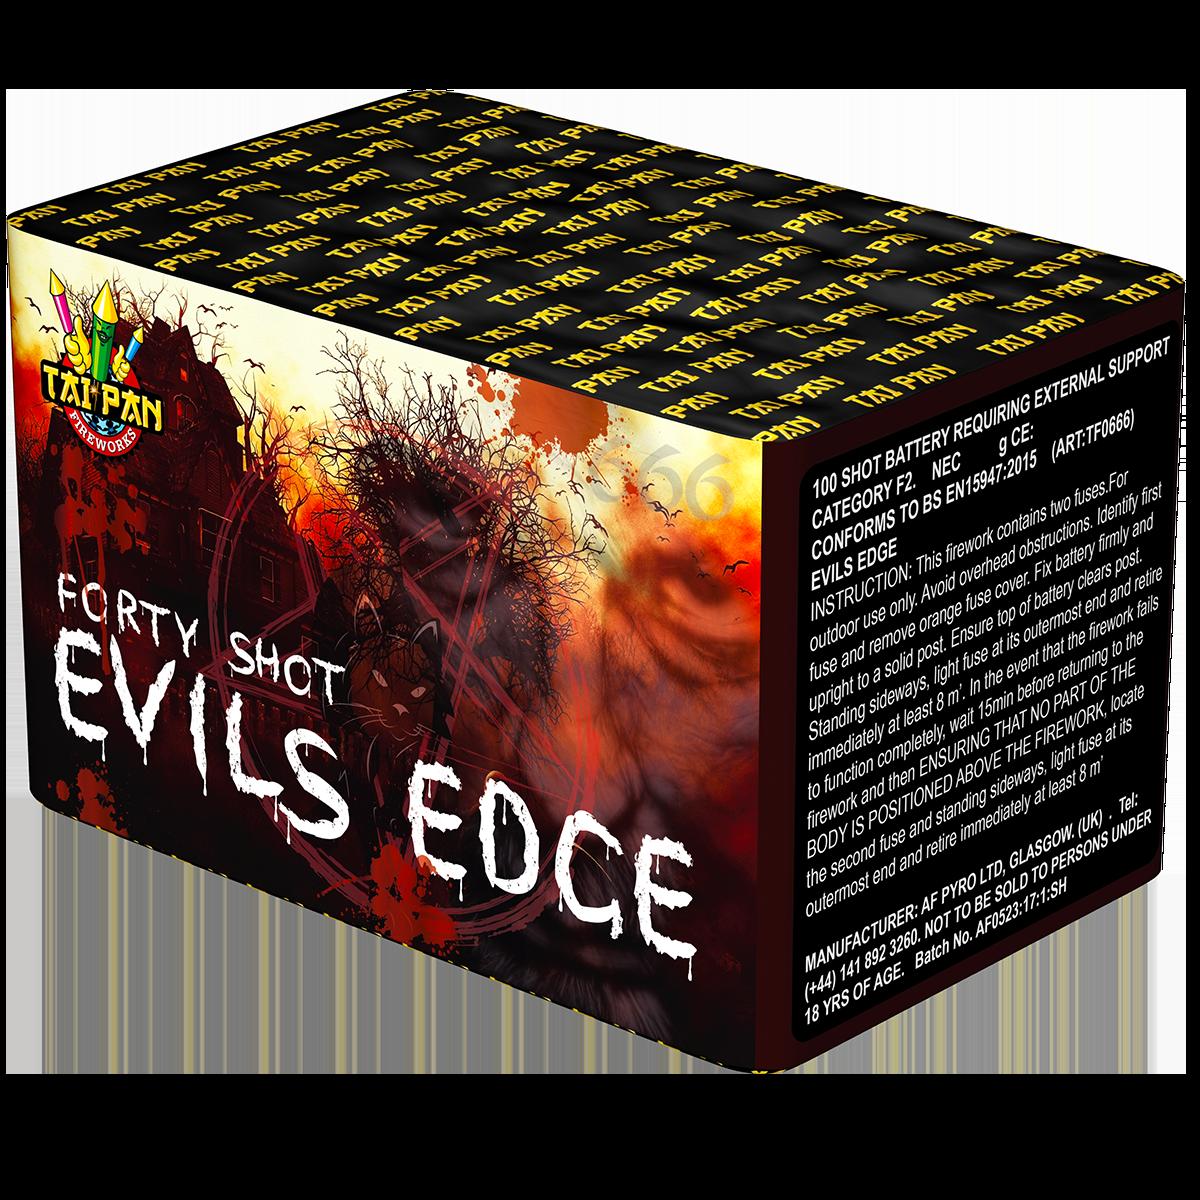 Taipan Fireworks Evils Edge - 40 Shot